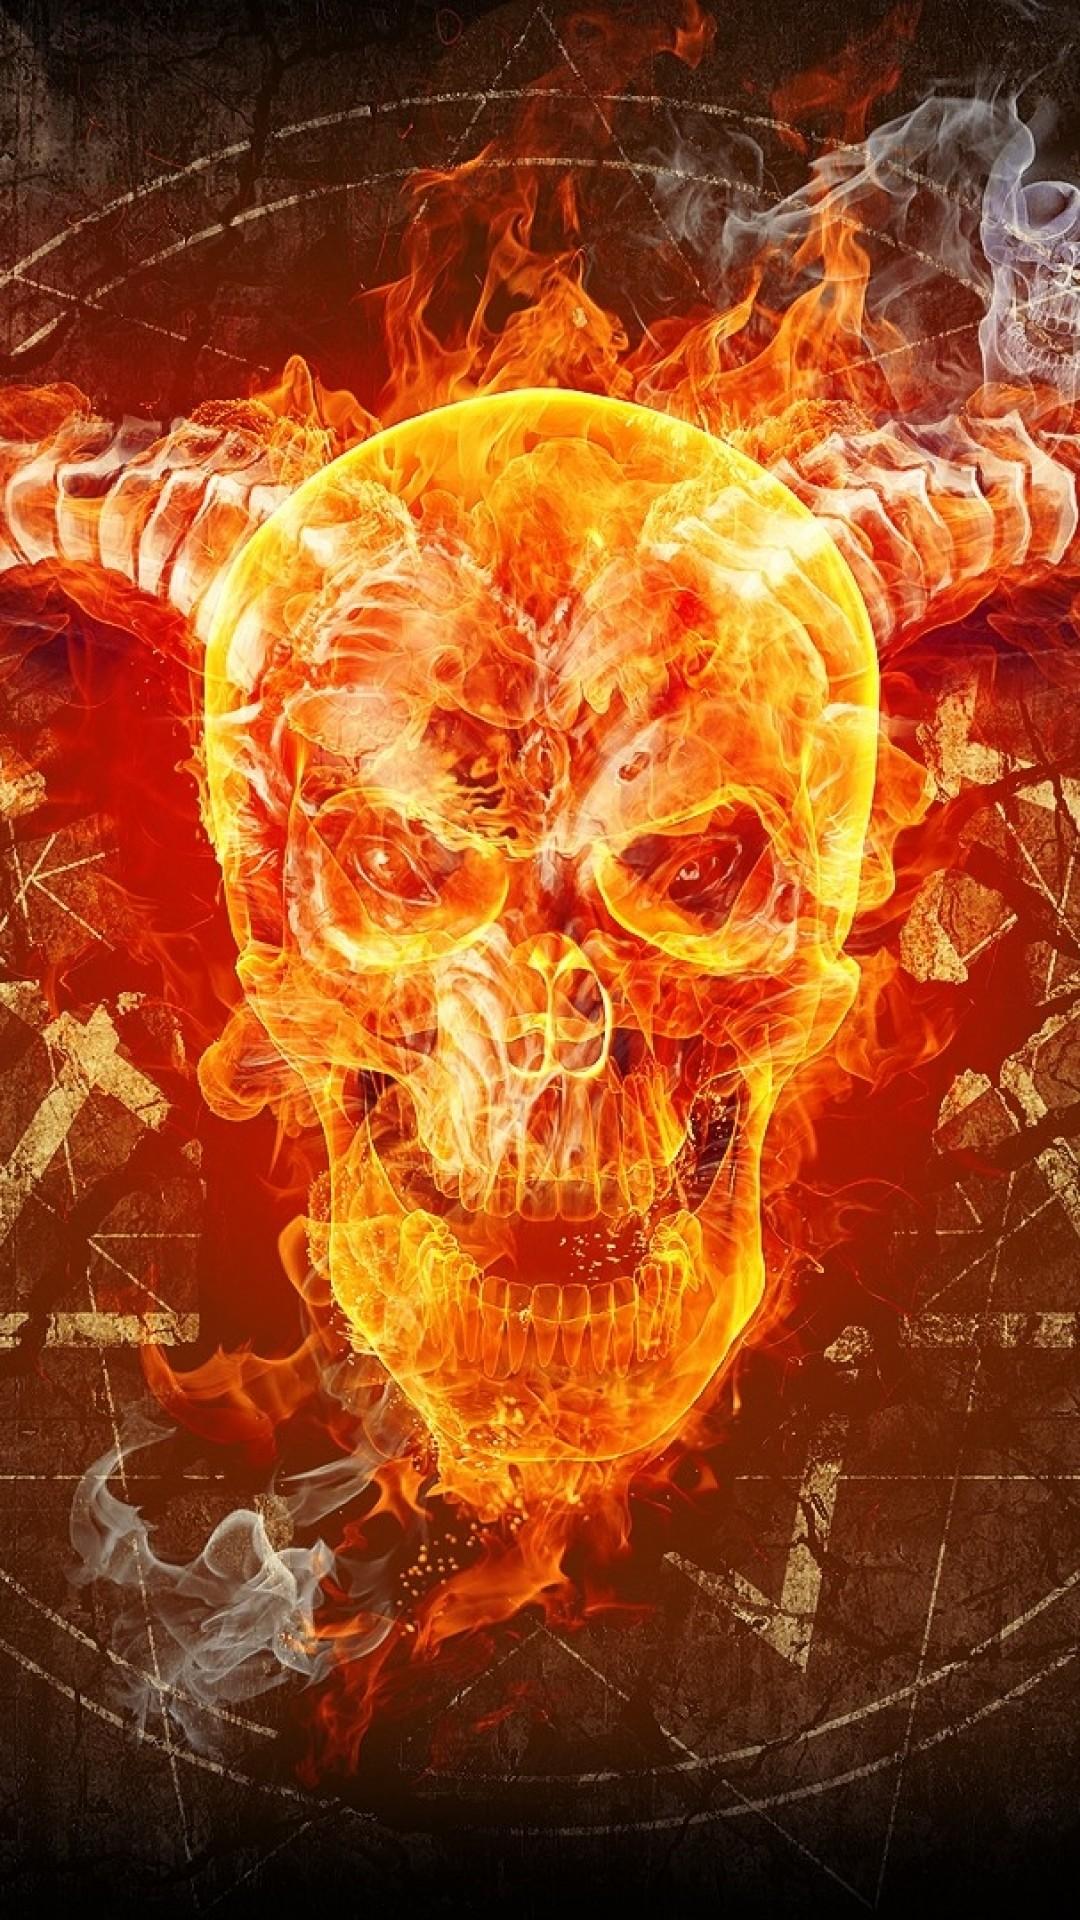 Fire Skulls Wallpaper 58 Pictures